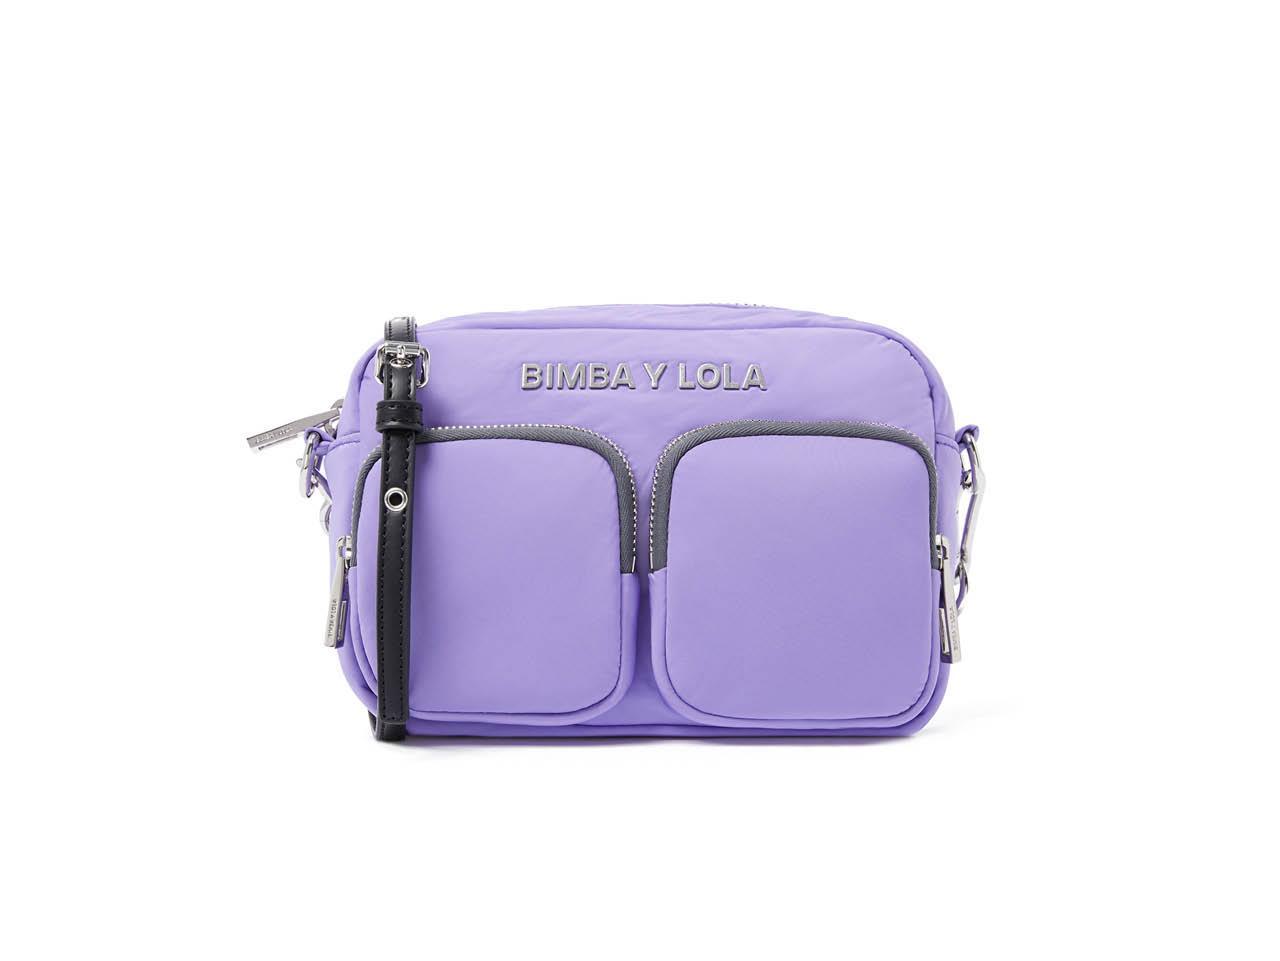 0cacf81a71fcd los bolsos mas bonitos y rebajados de bimba y lola doble bolsillo lila 52€.